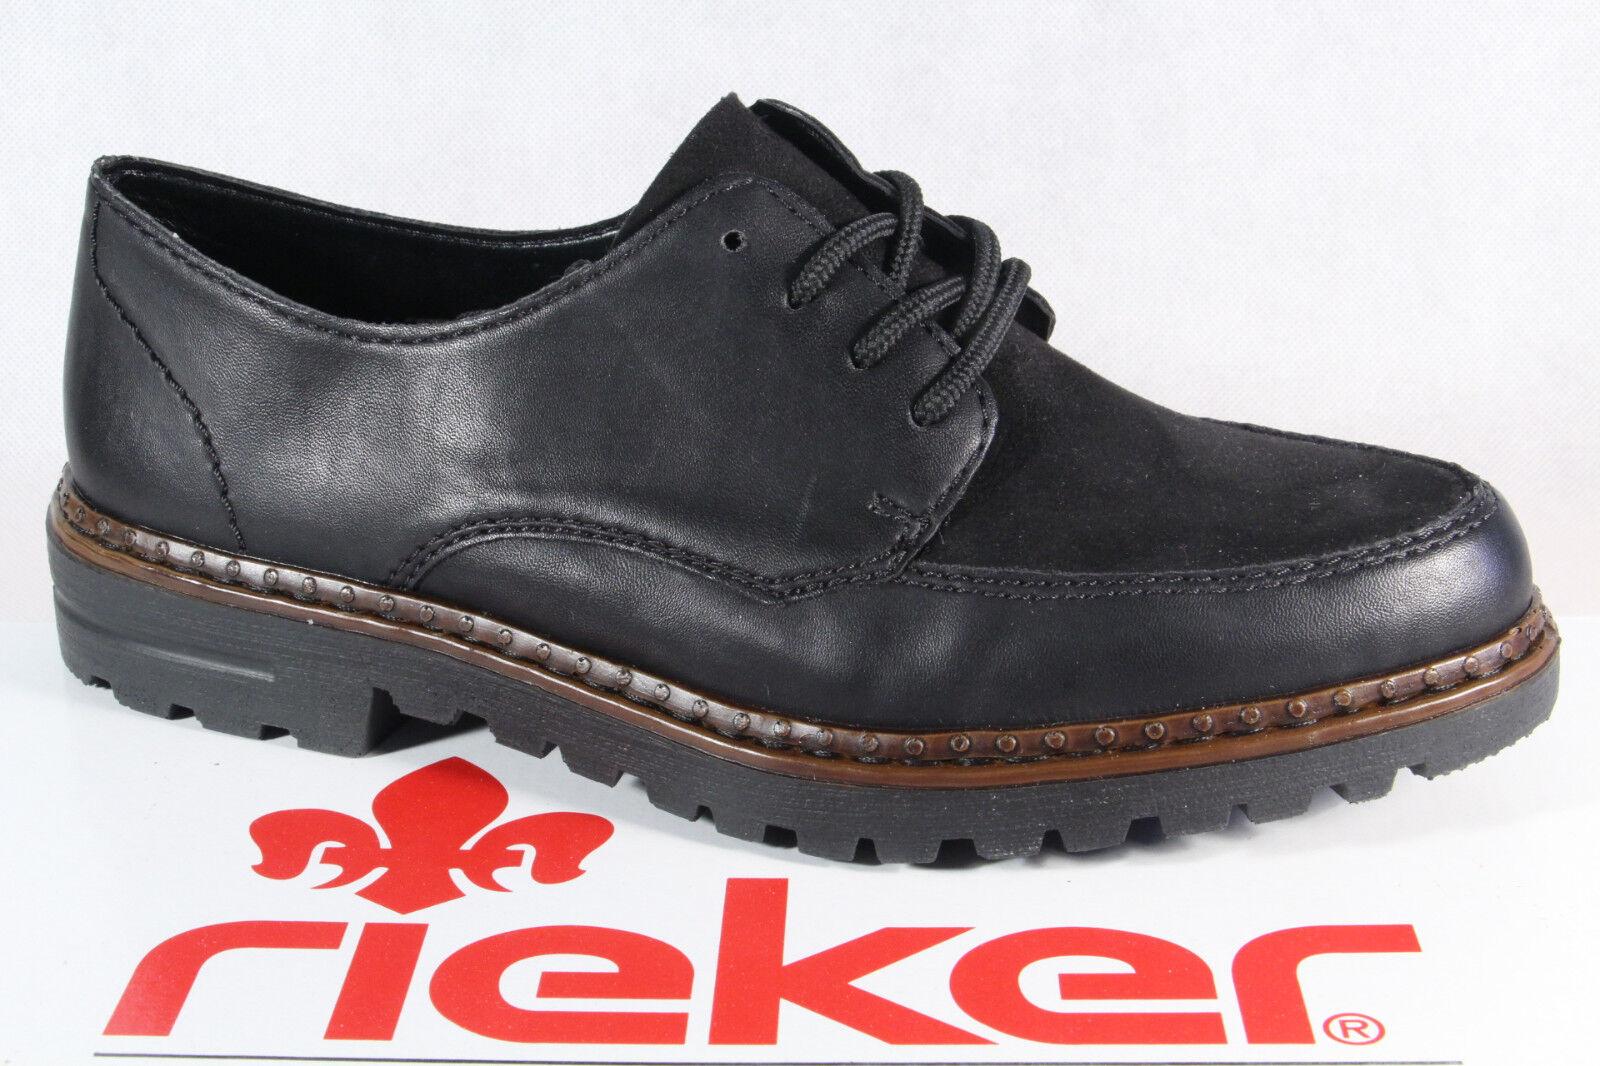 Rieker Femmes Chaussures à Lacets Basses Baskets à Noir 54806 Neuf